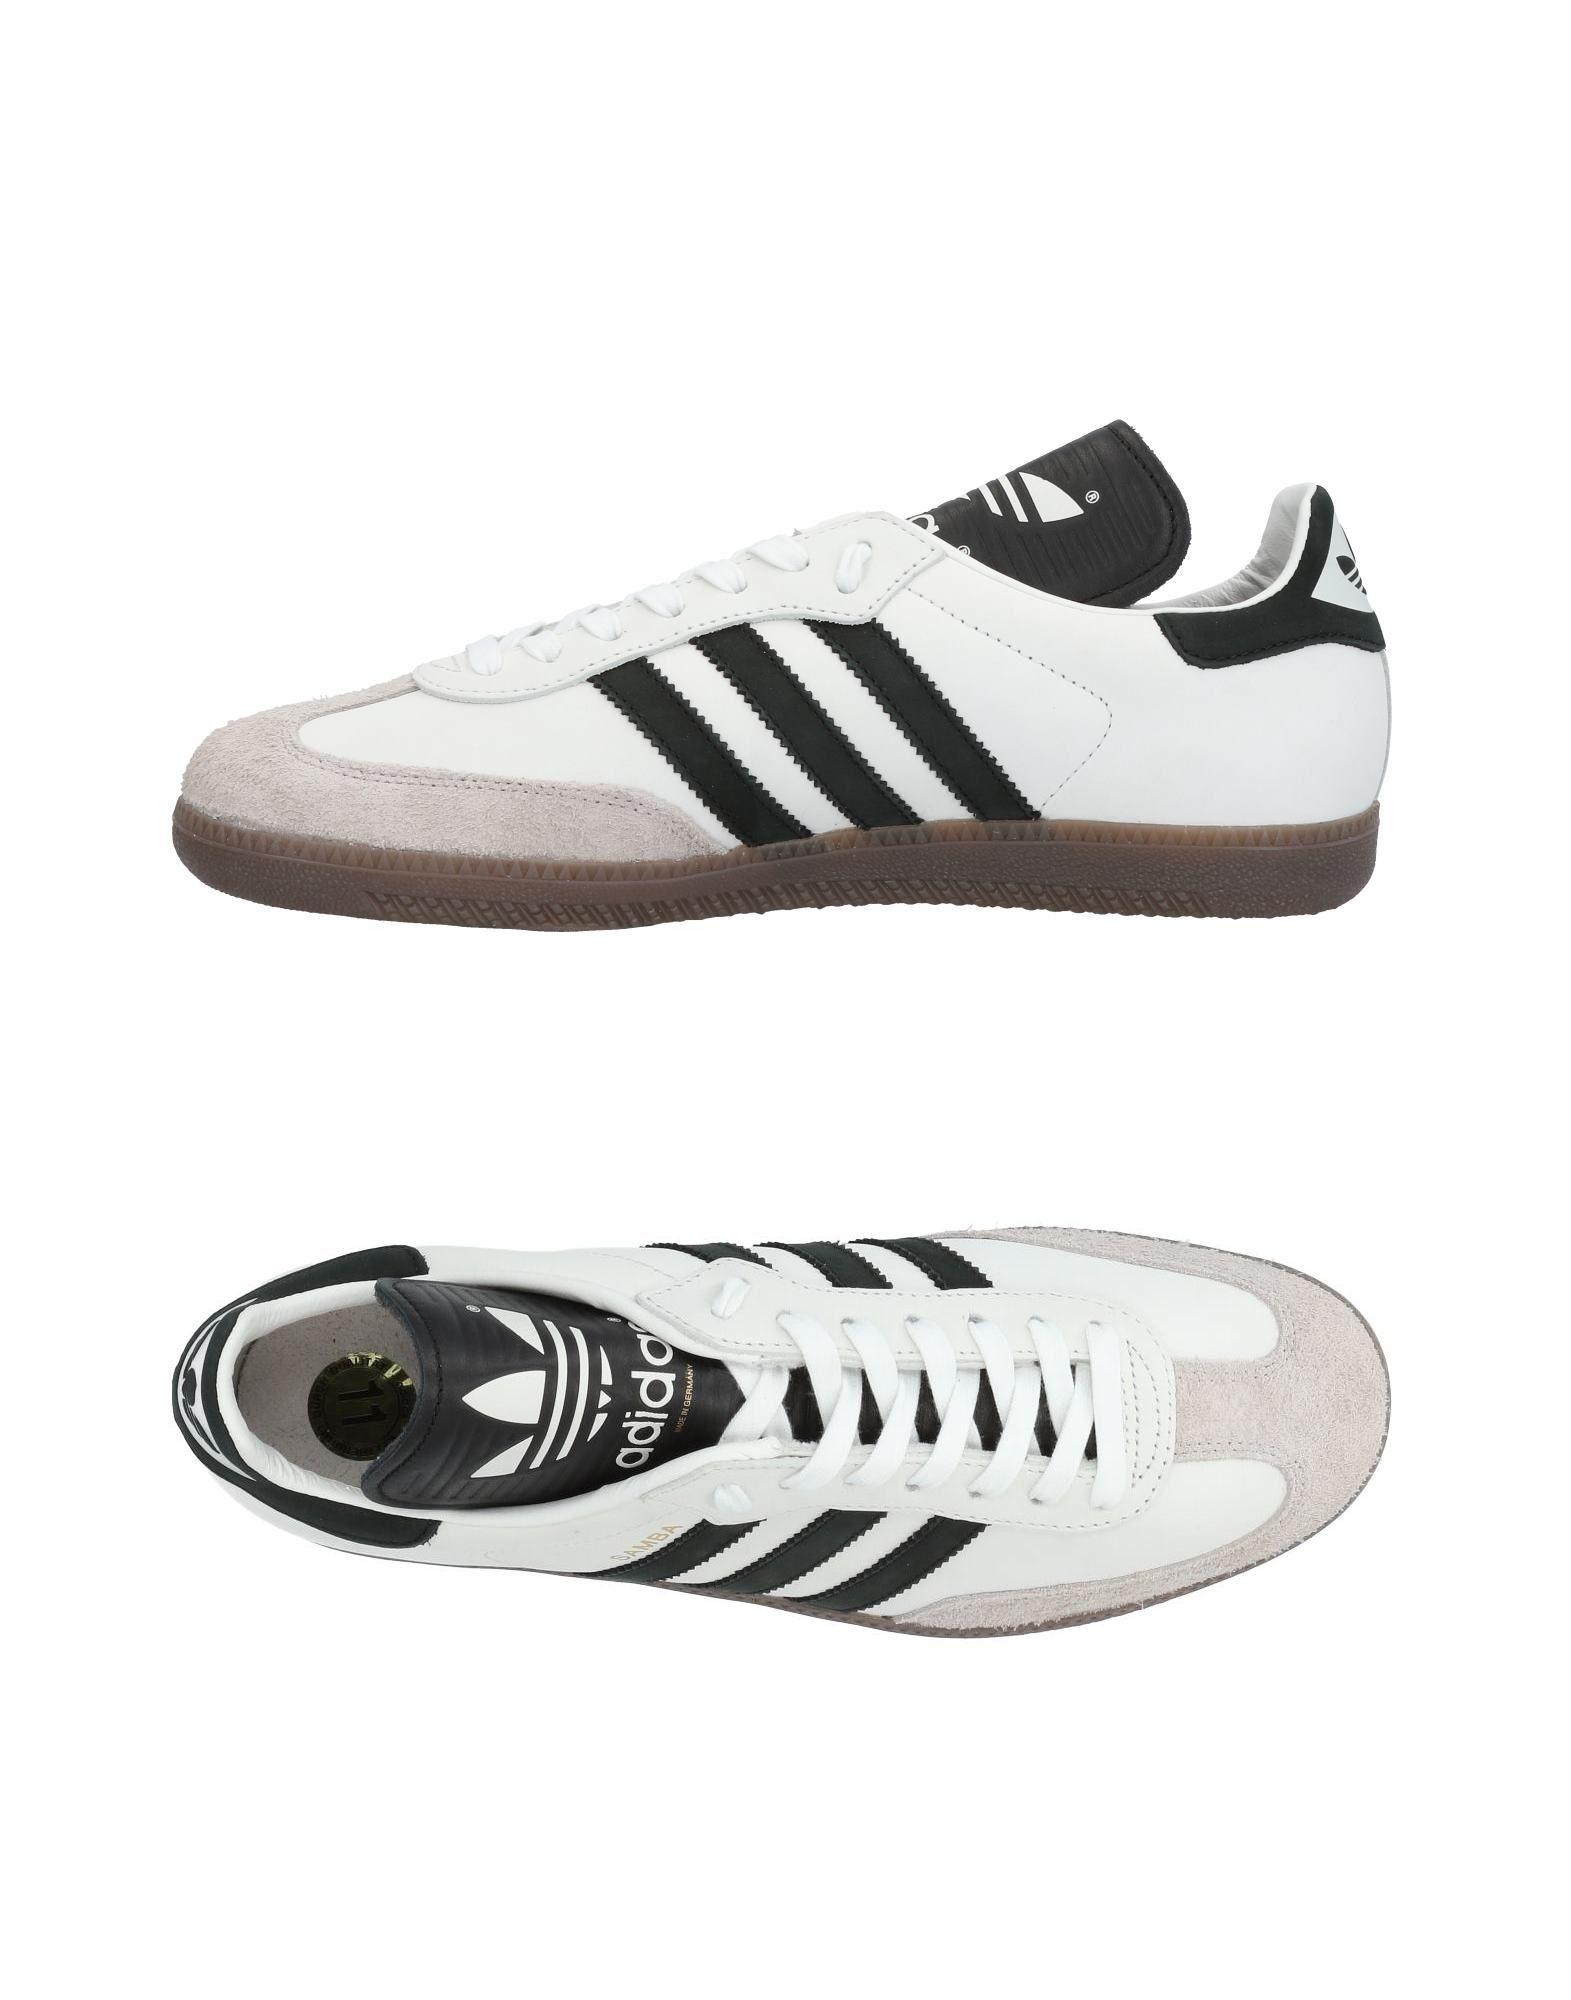 Gran descuento  Zapatillas Adidas Hombre Originals Hombre Adidas - Zapatillas Adidas Originals ad7f00